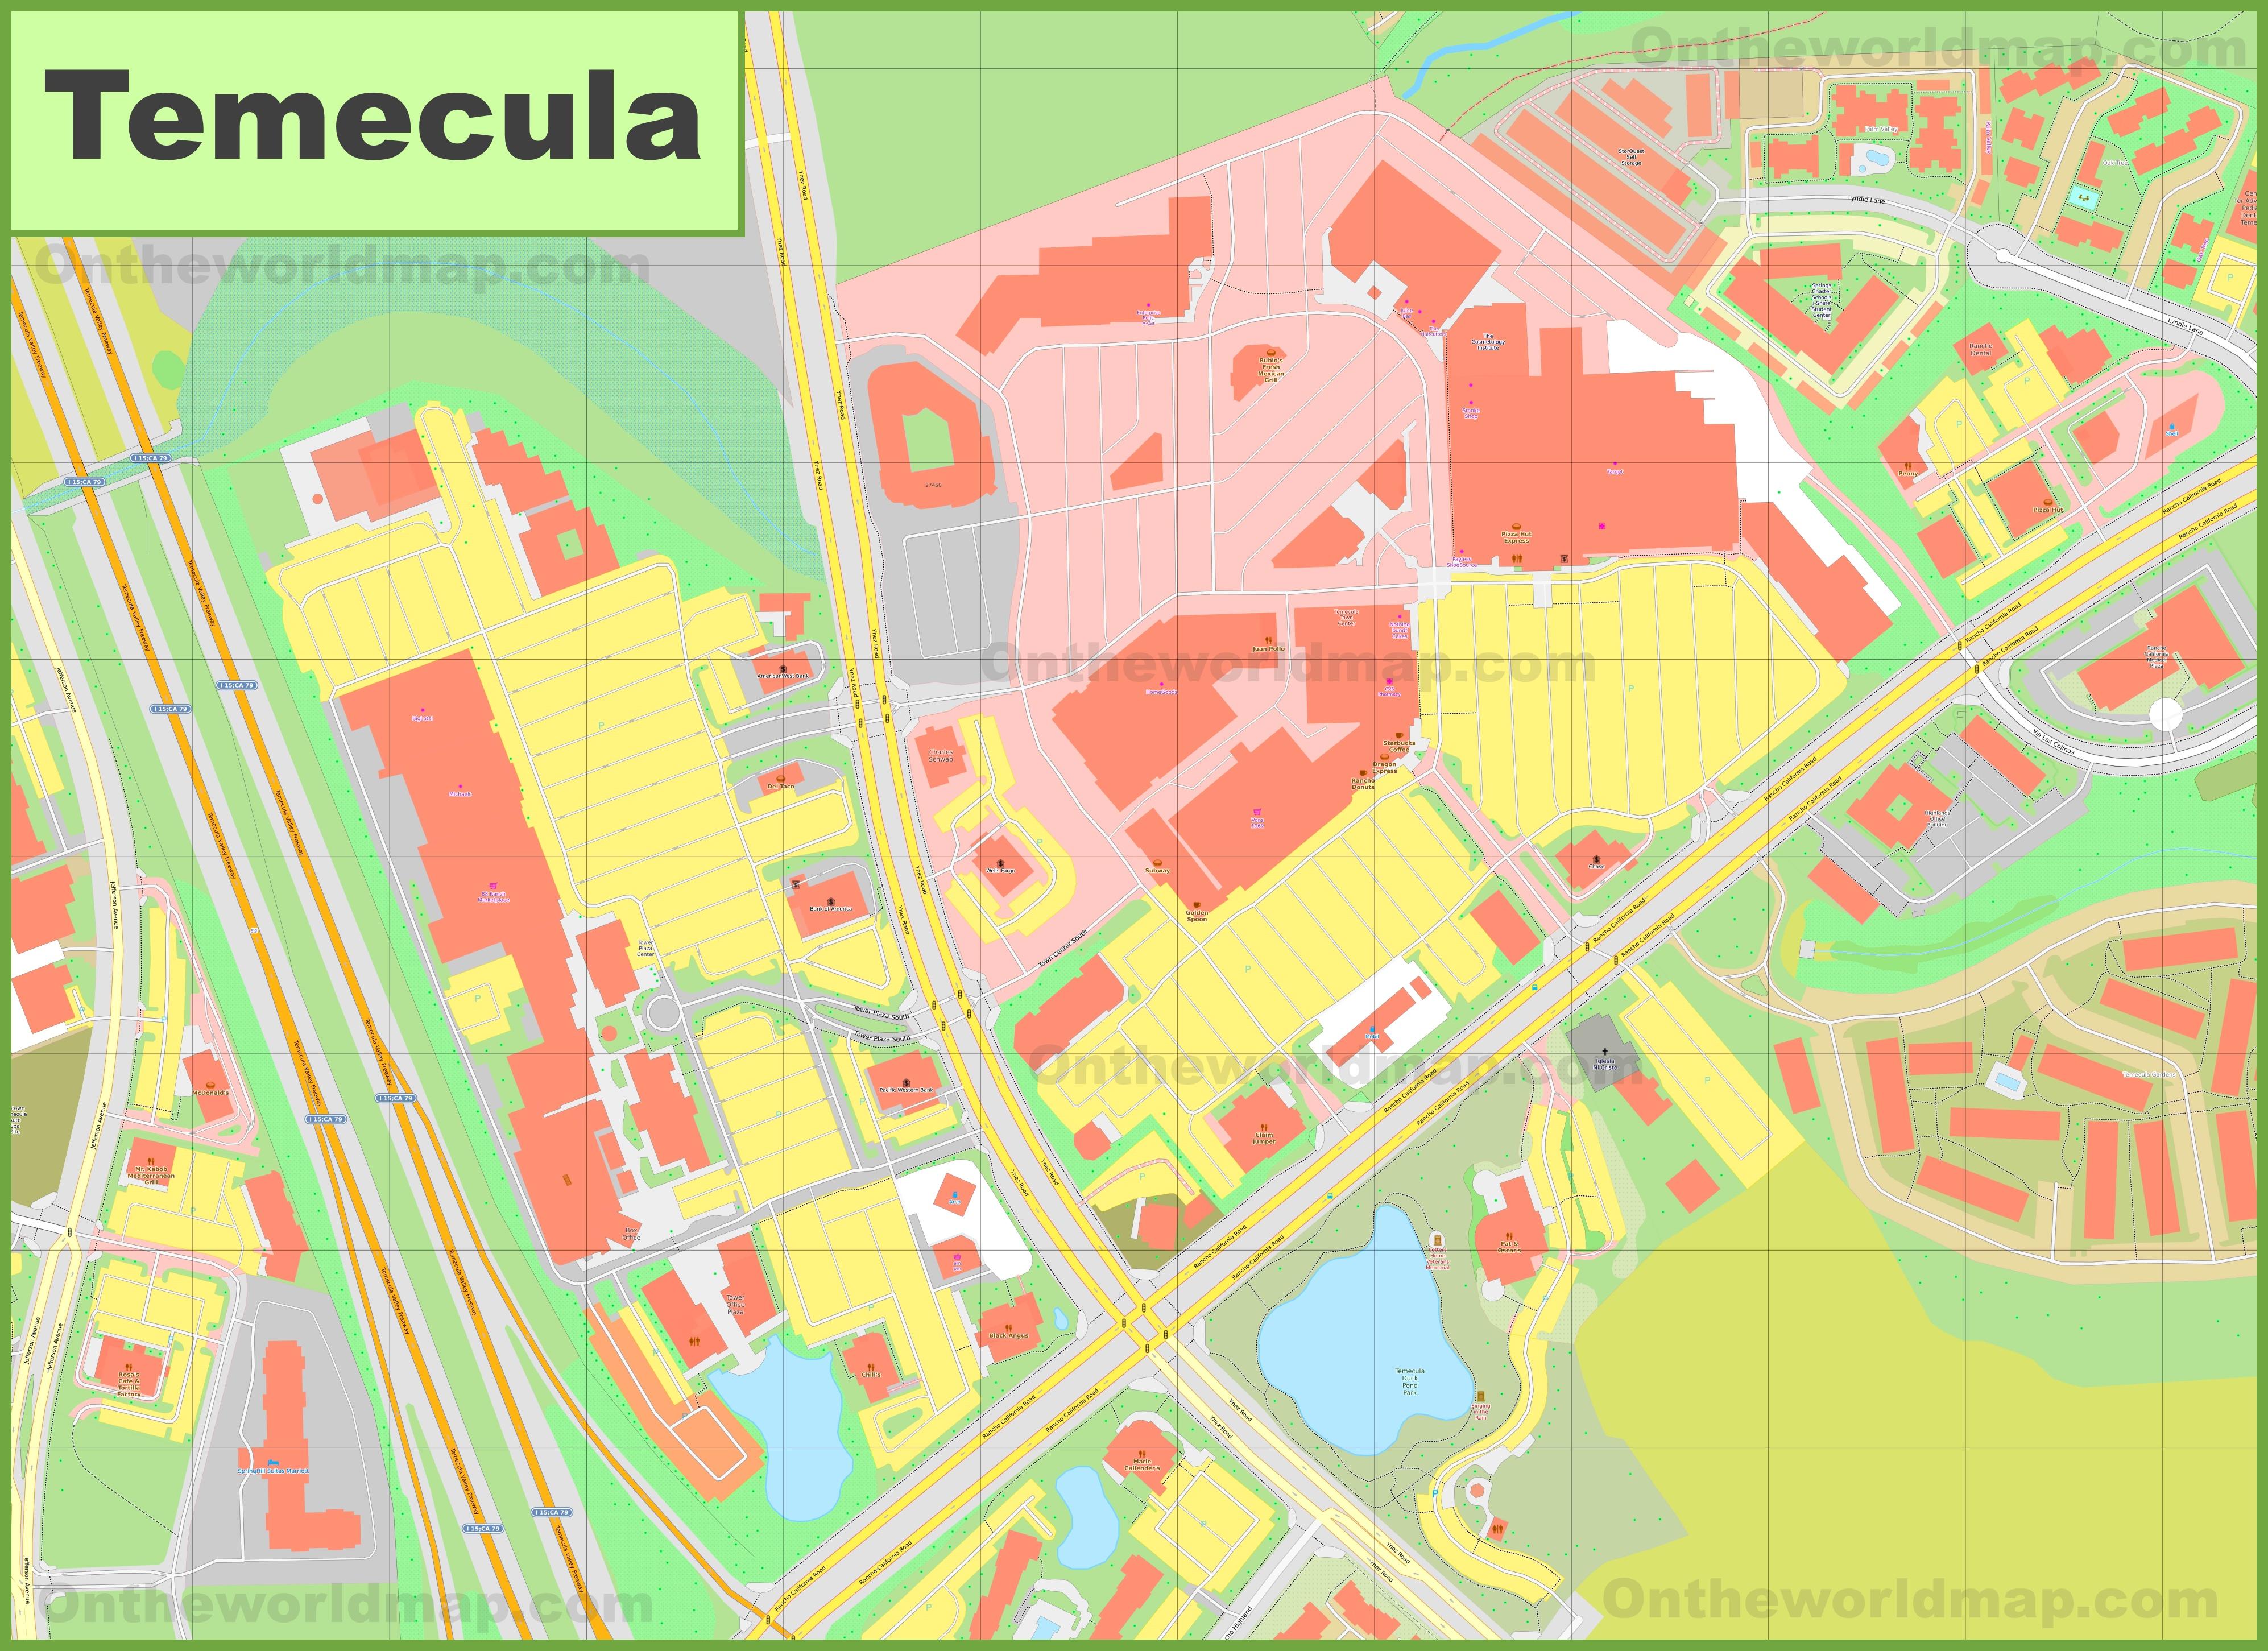 Temecula city center map